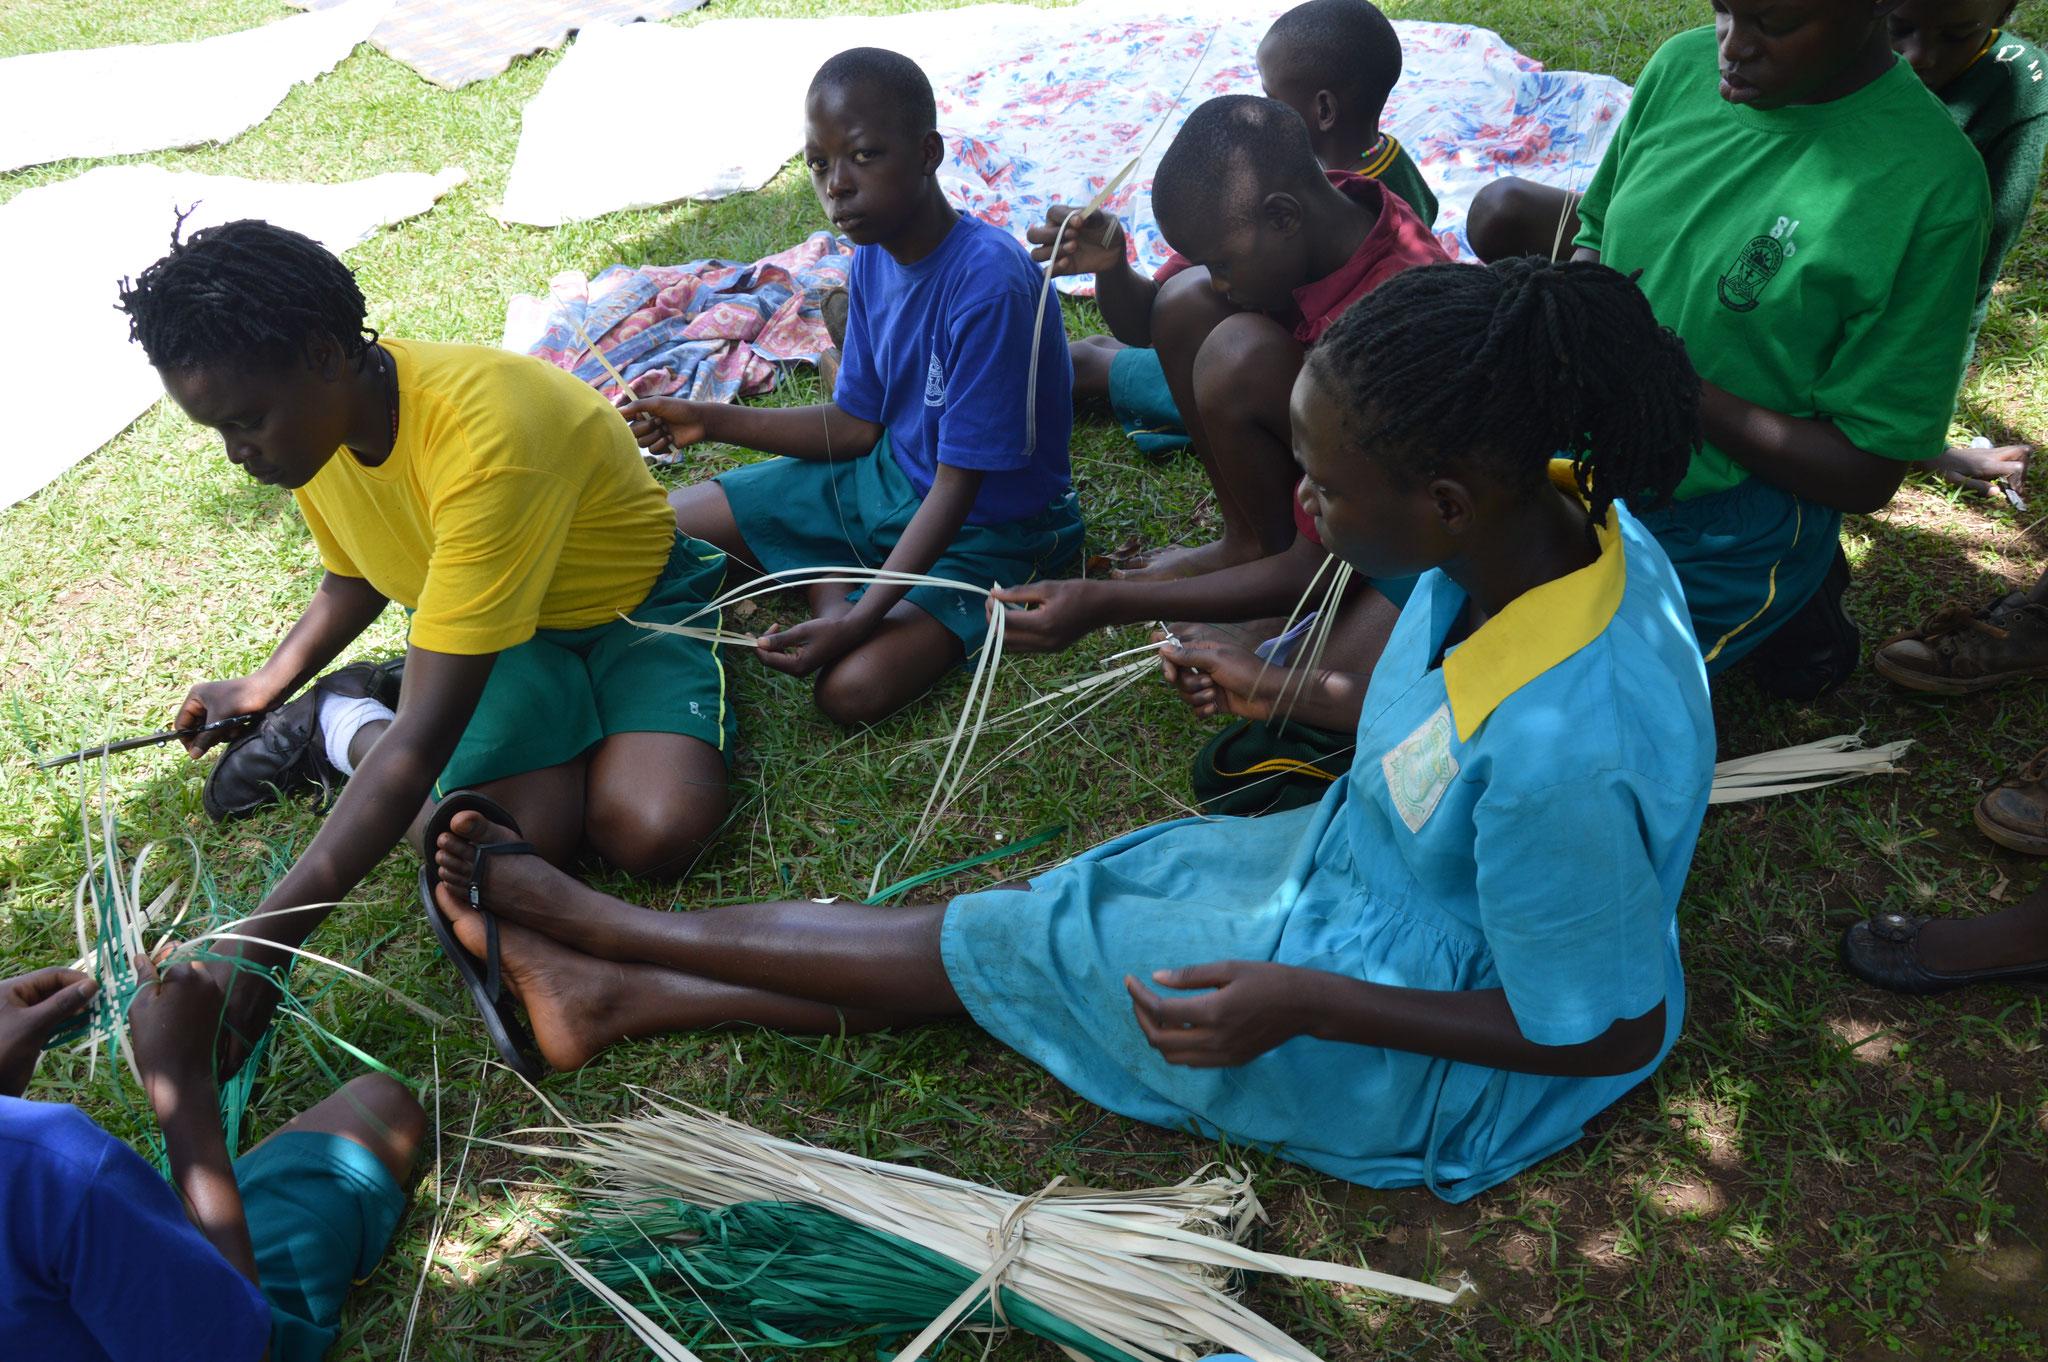 Handarbeit, jede Mittwoch in Bwanda